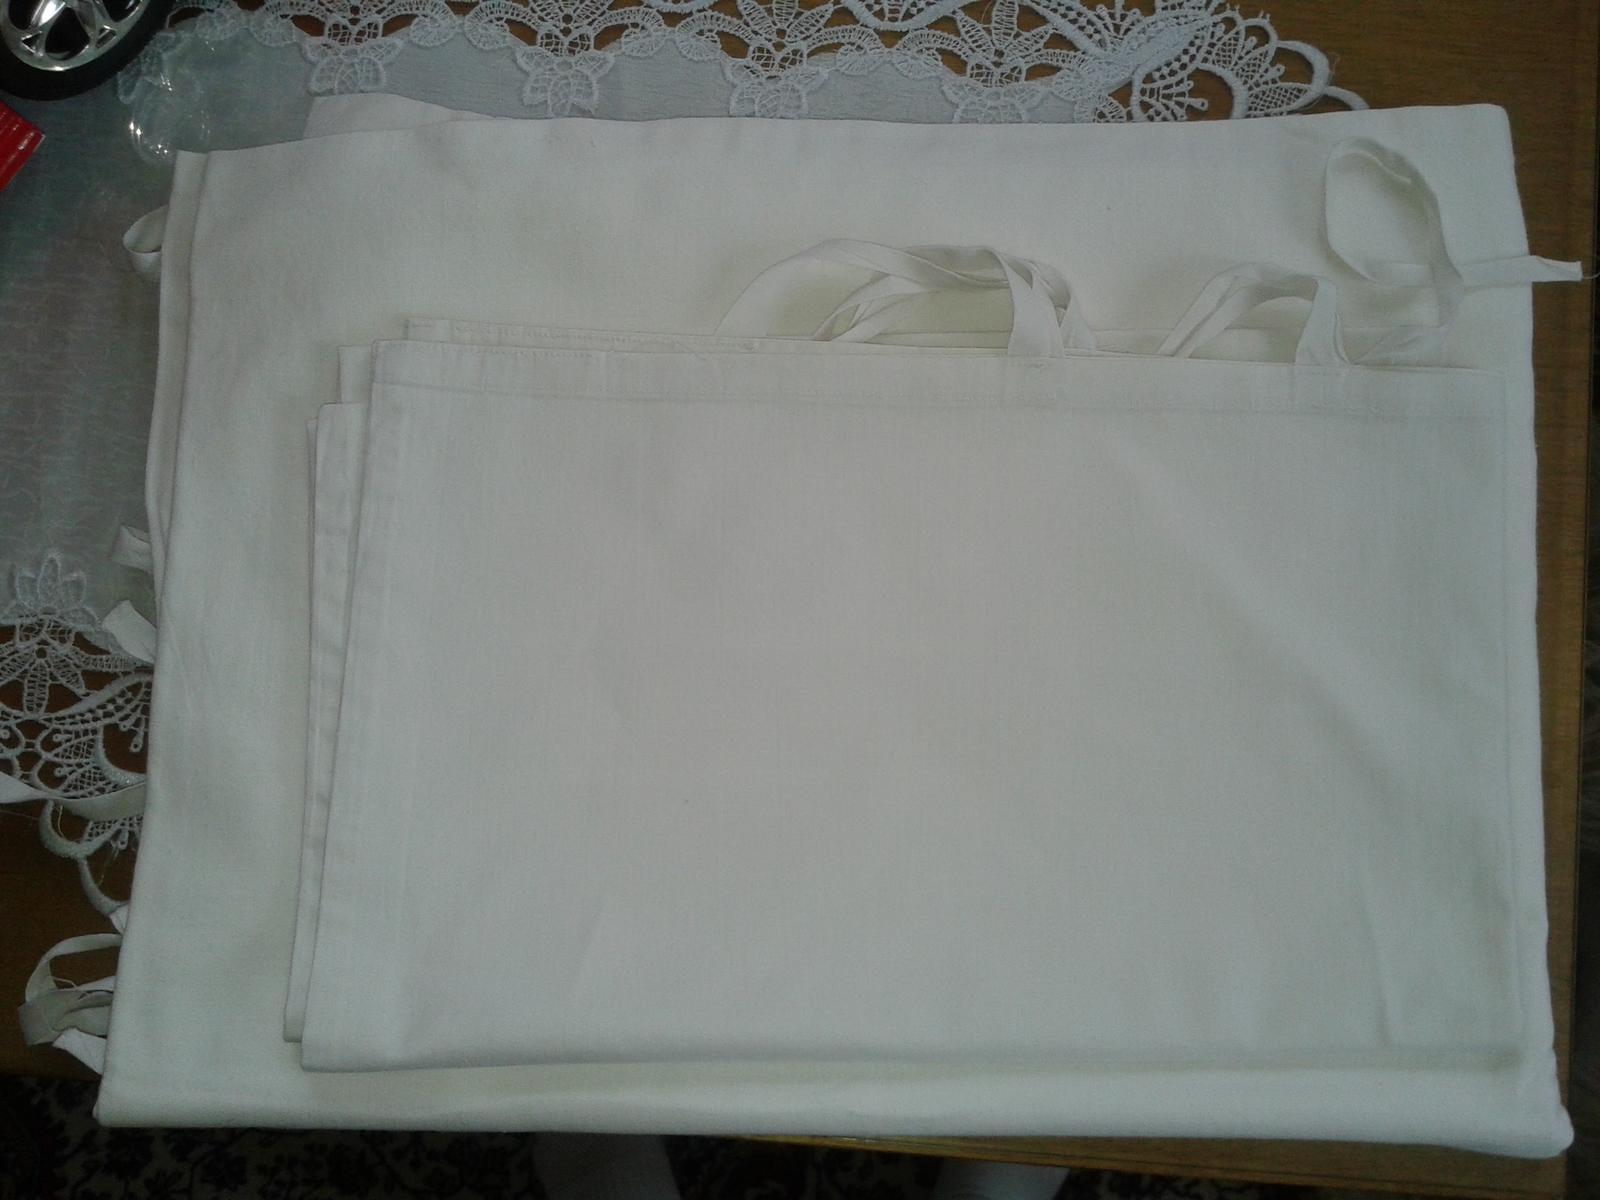 obliečky na jednoposteľ - Obrázok č. 1